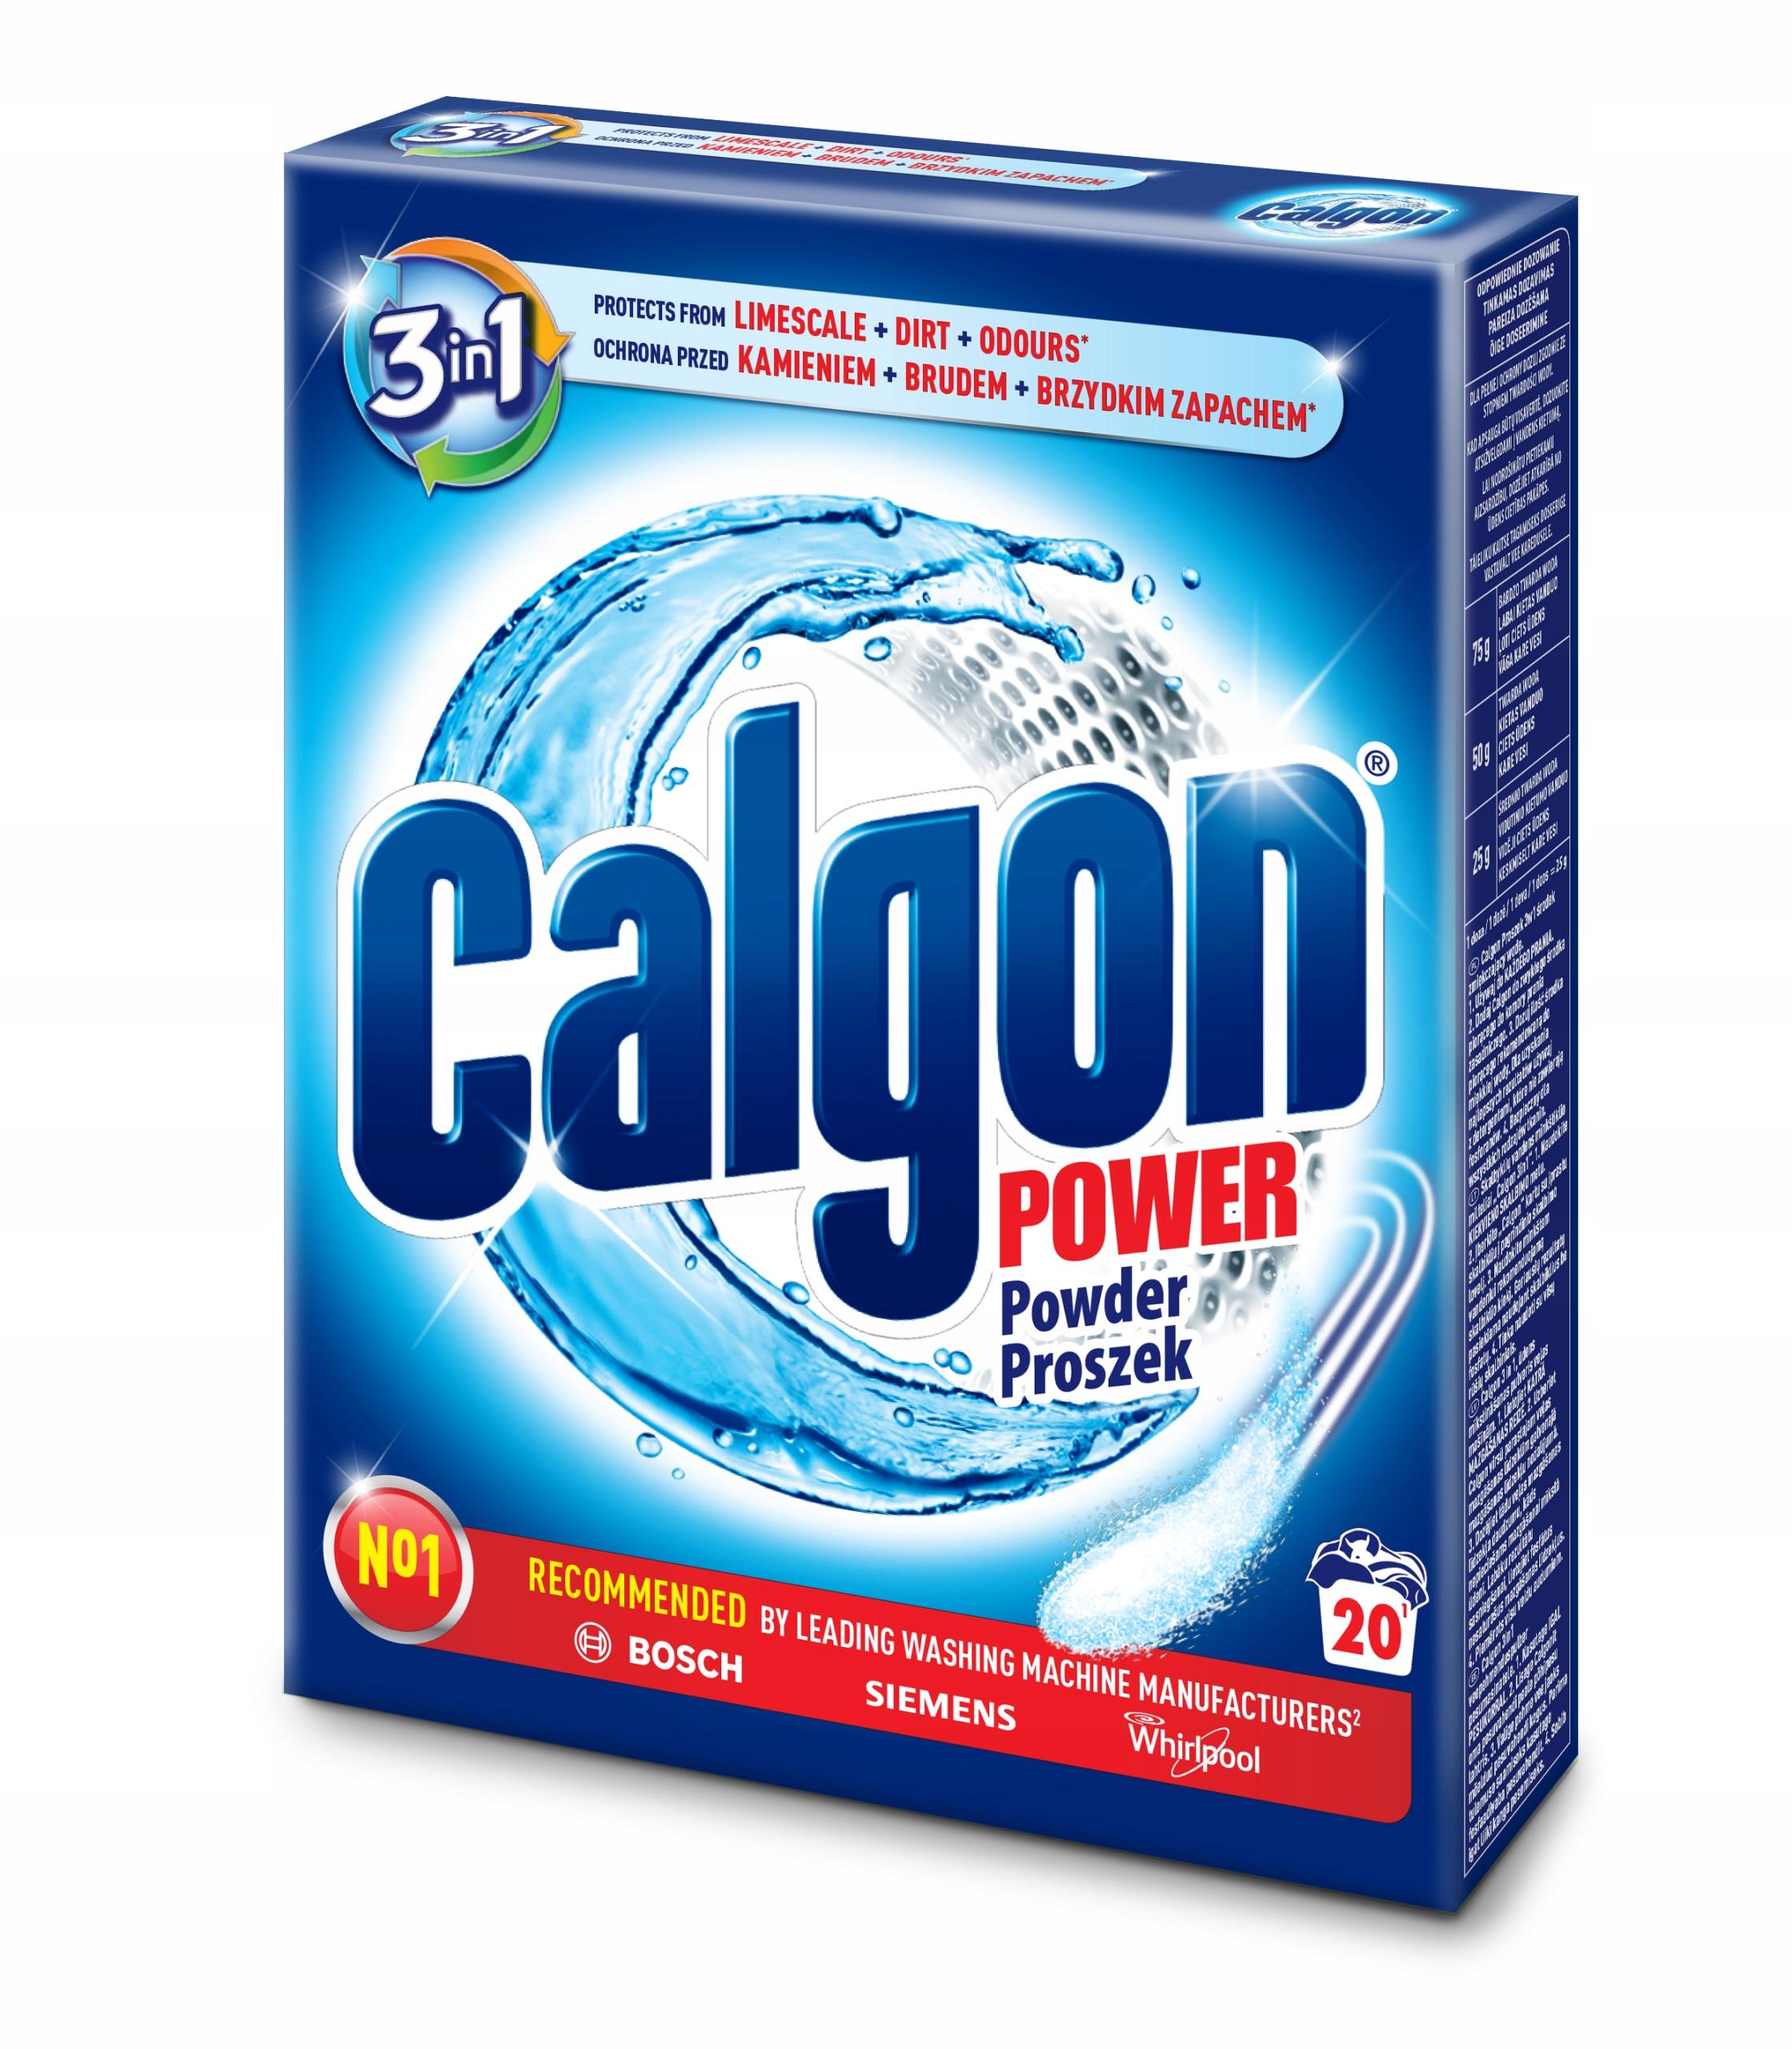 Calgon Порошок 3 в 1 для удаления накипи Стиральной машины 500 20pr